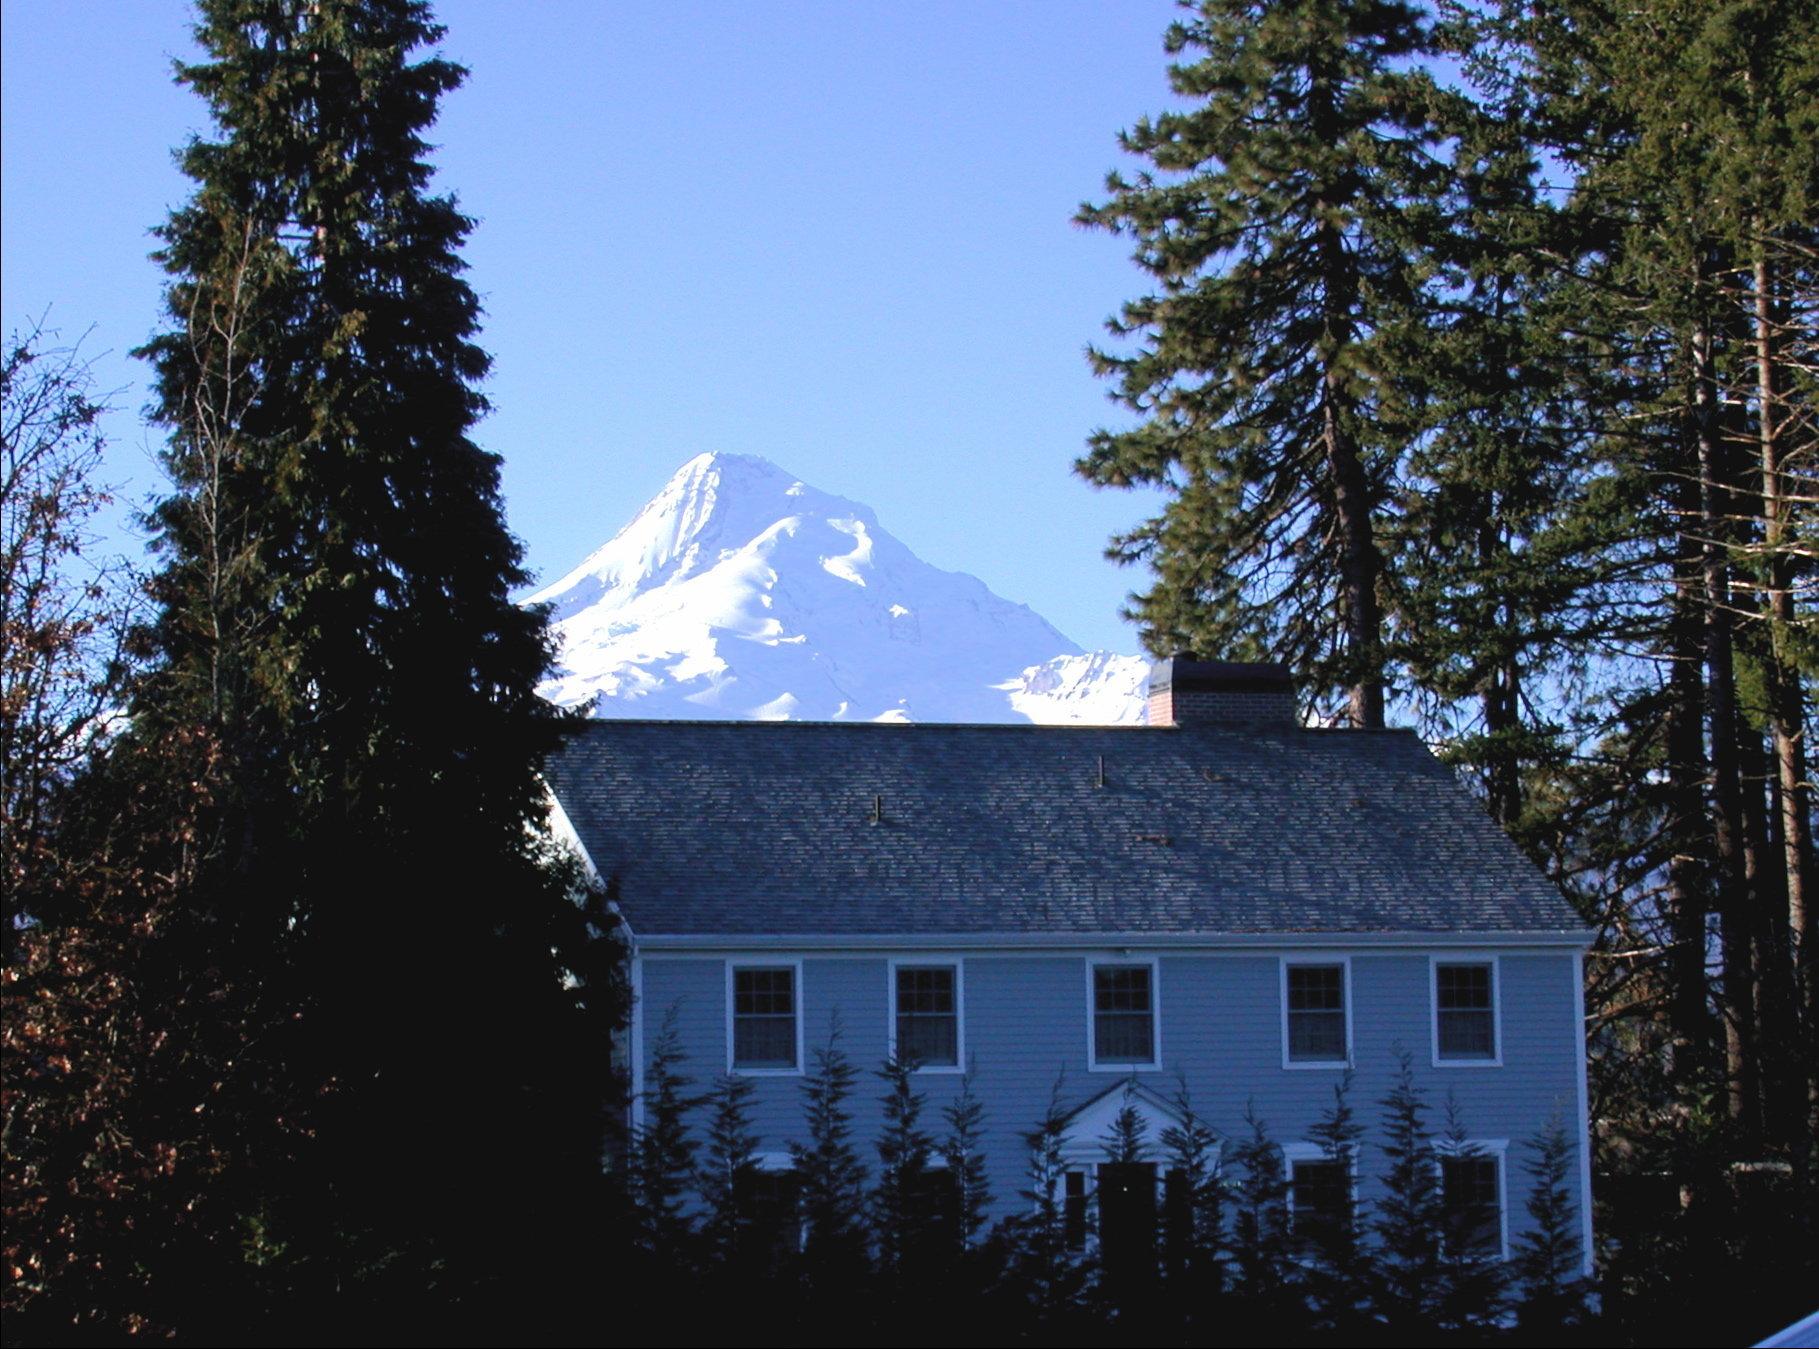 Mt Hood Hamlet Bed & Breakfast